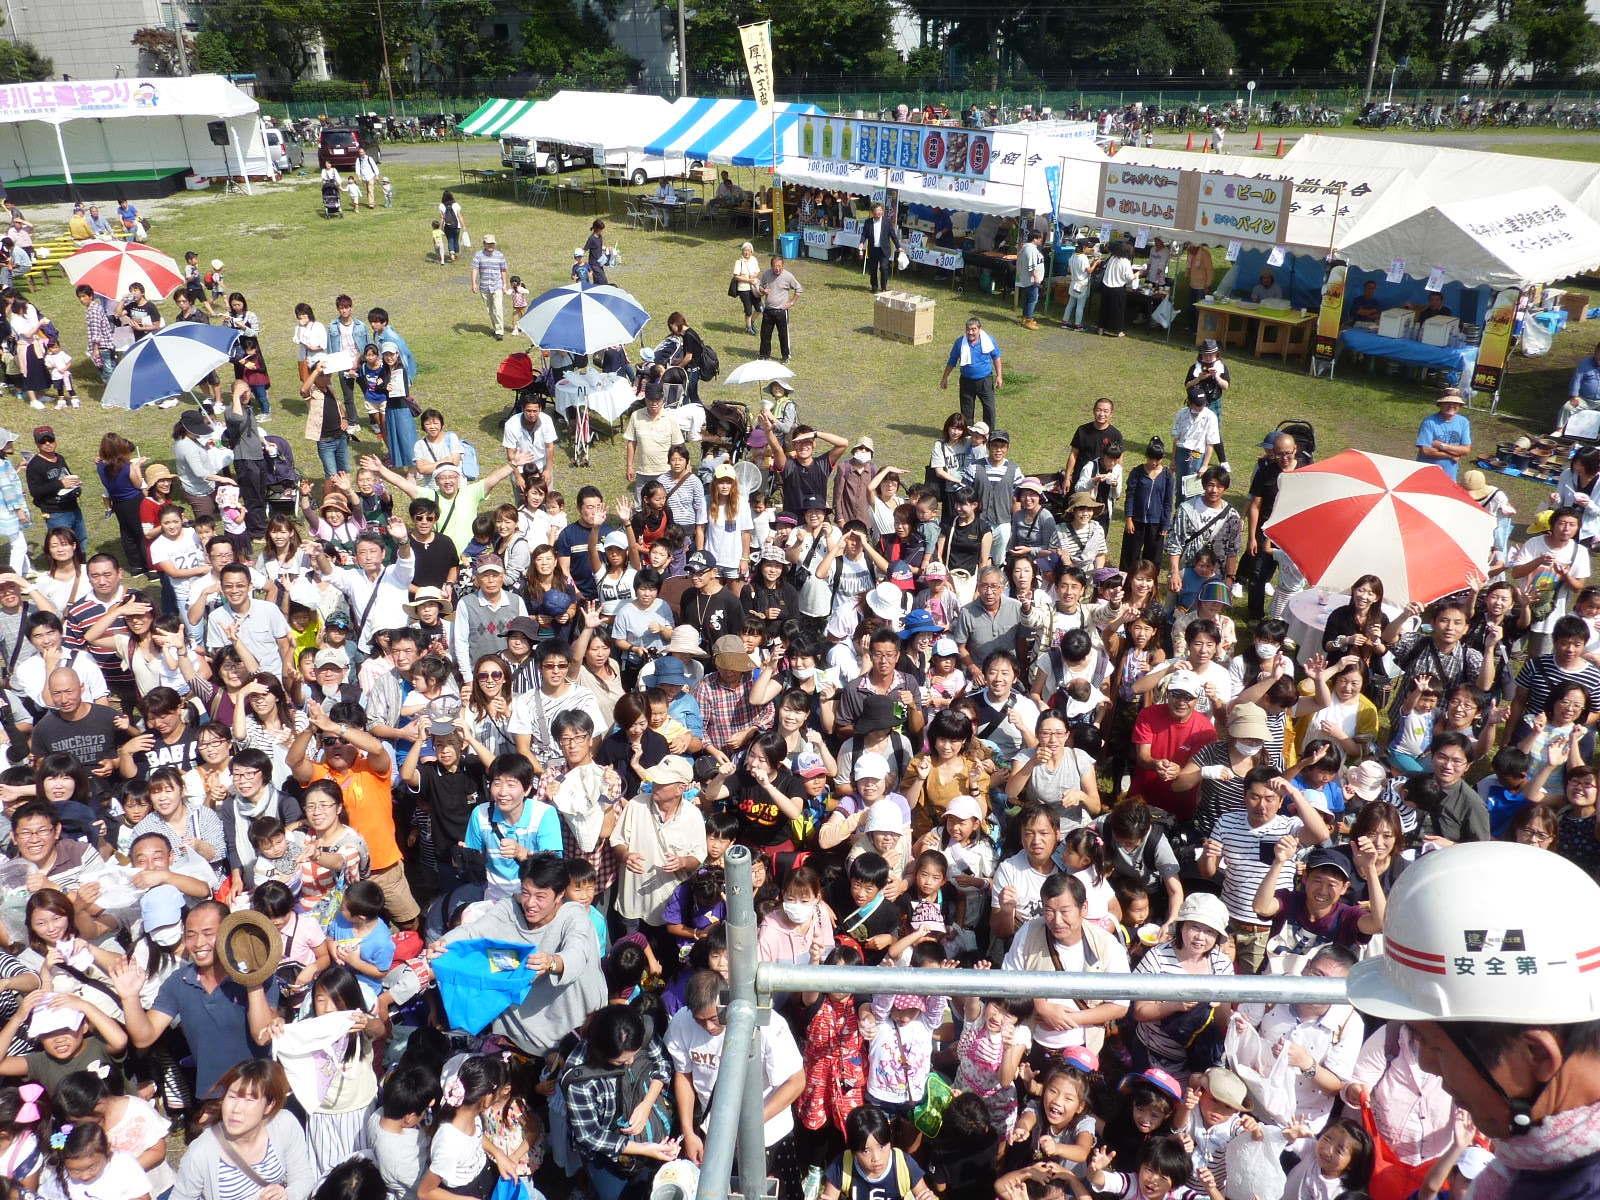 神奈川土建、土建祭り_c0228241_21020630.jpg